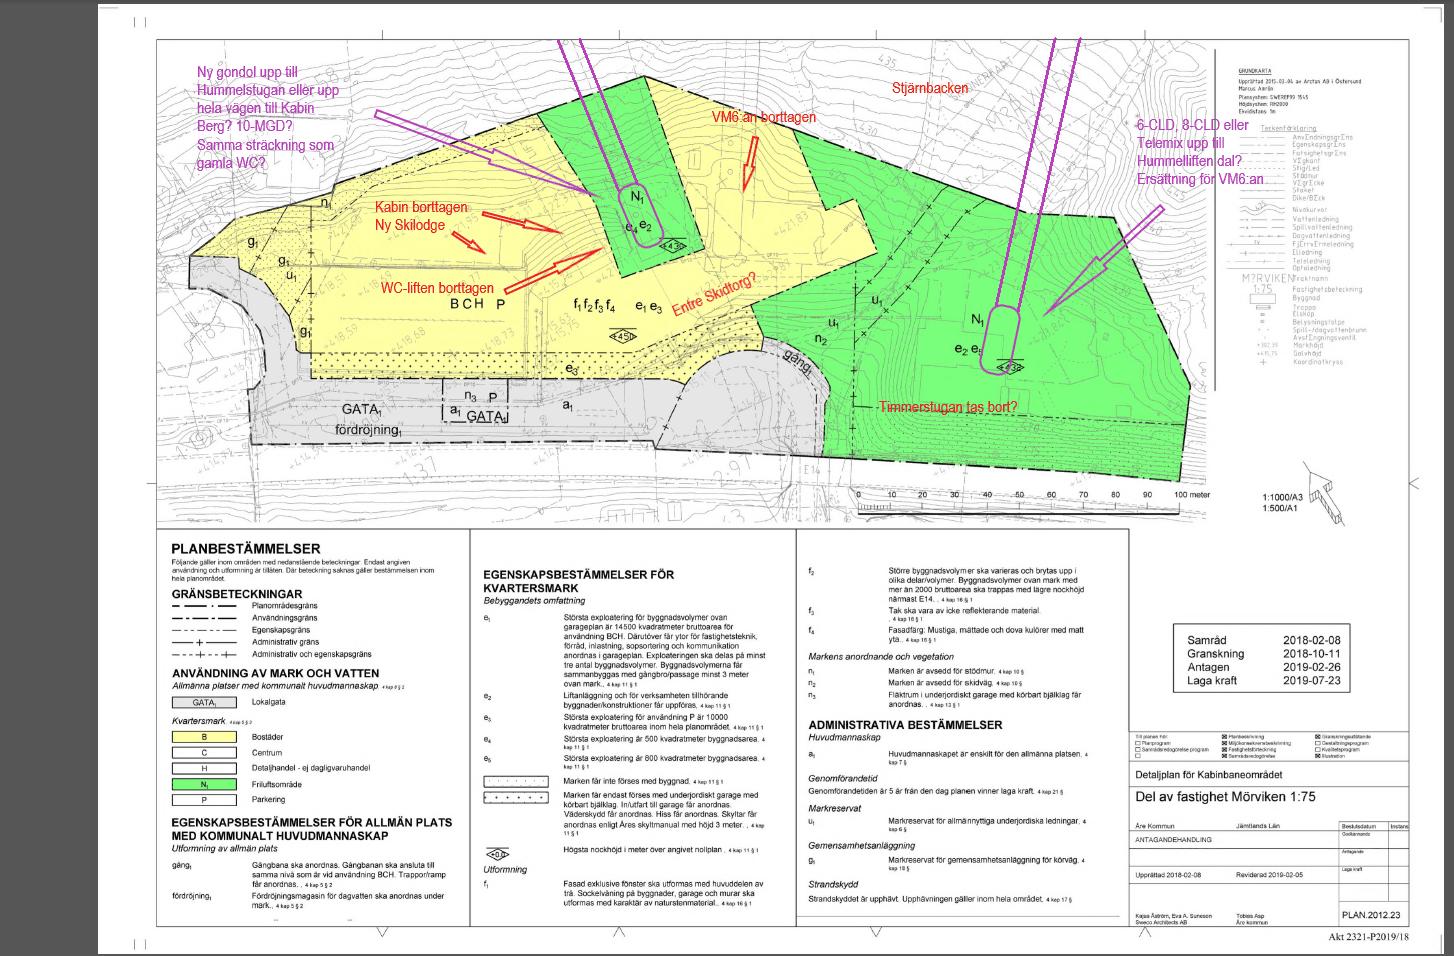 Åre-detaljplan.PNG